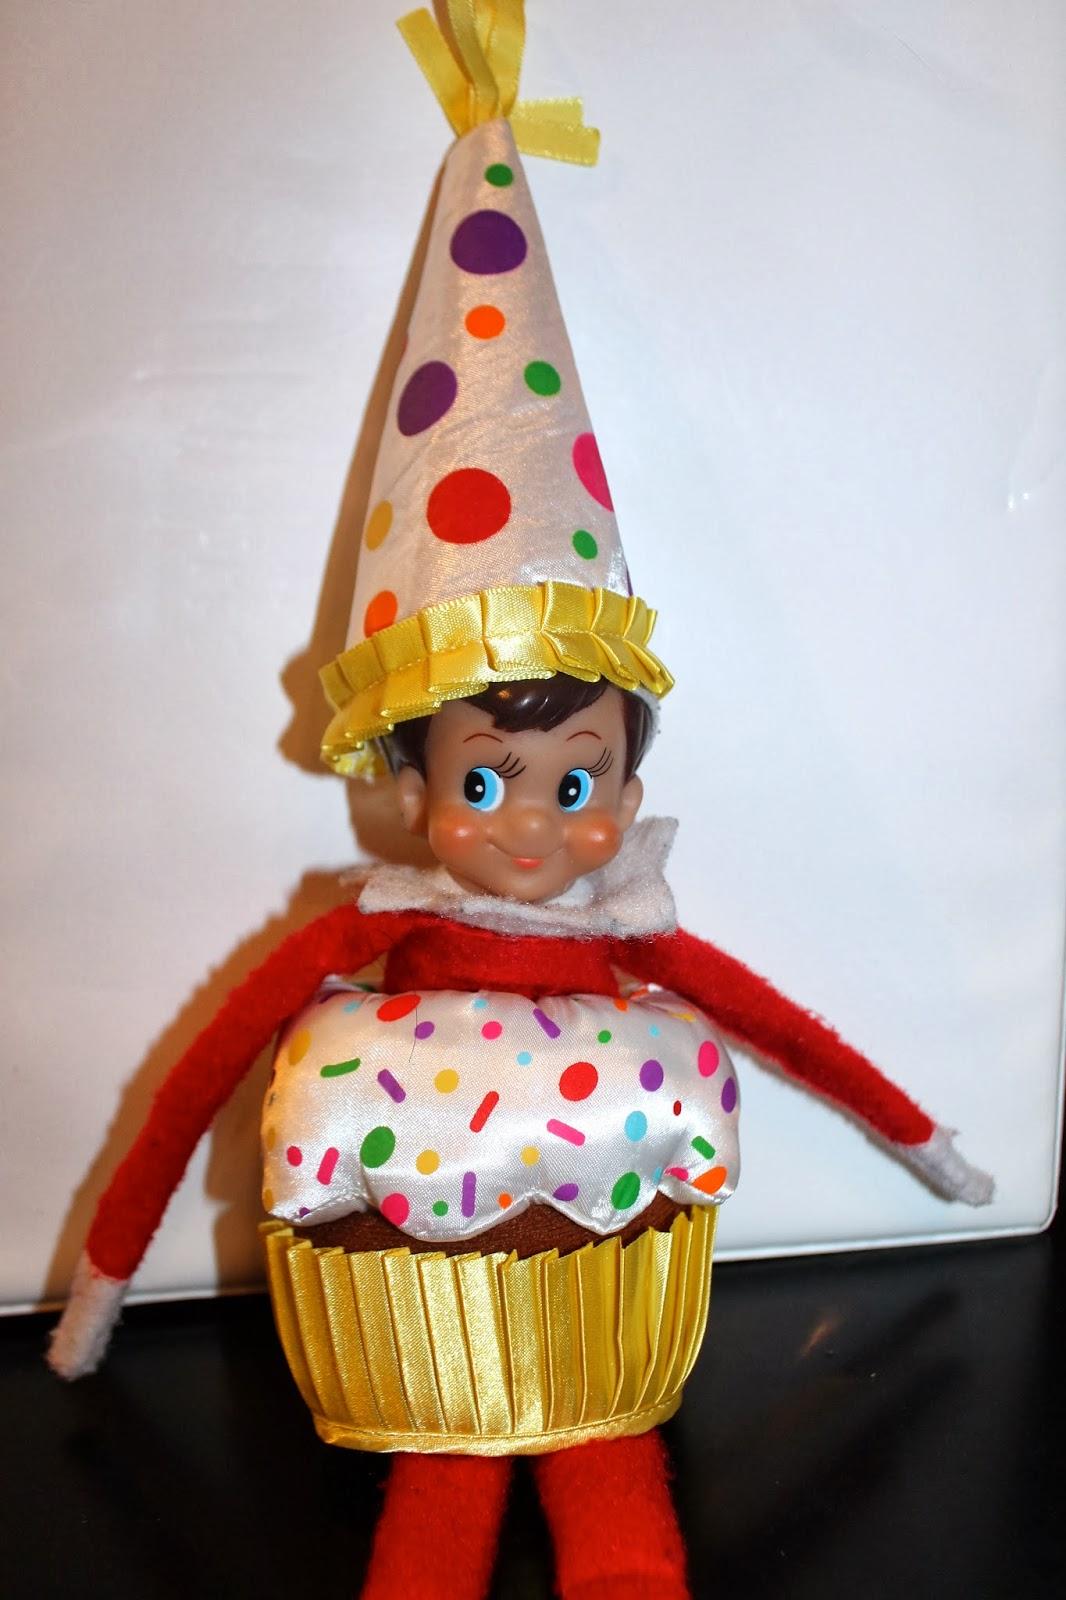 A New Dawnn: The Elf On The Shelf A Birthday Tradition